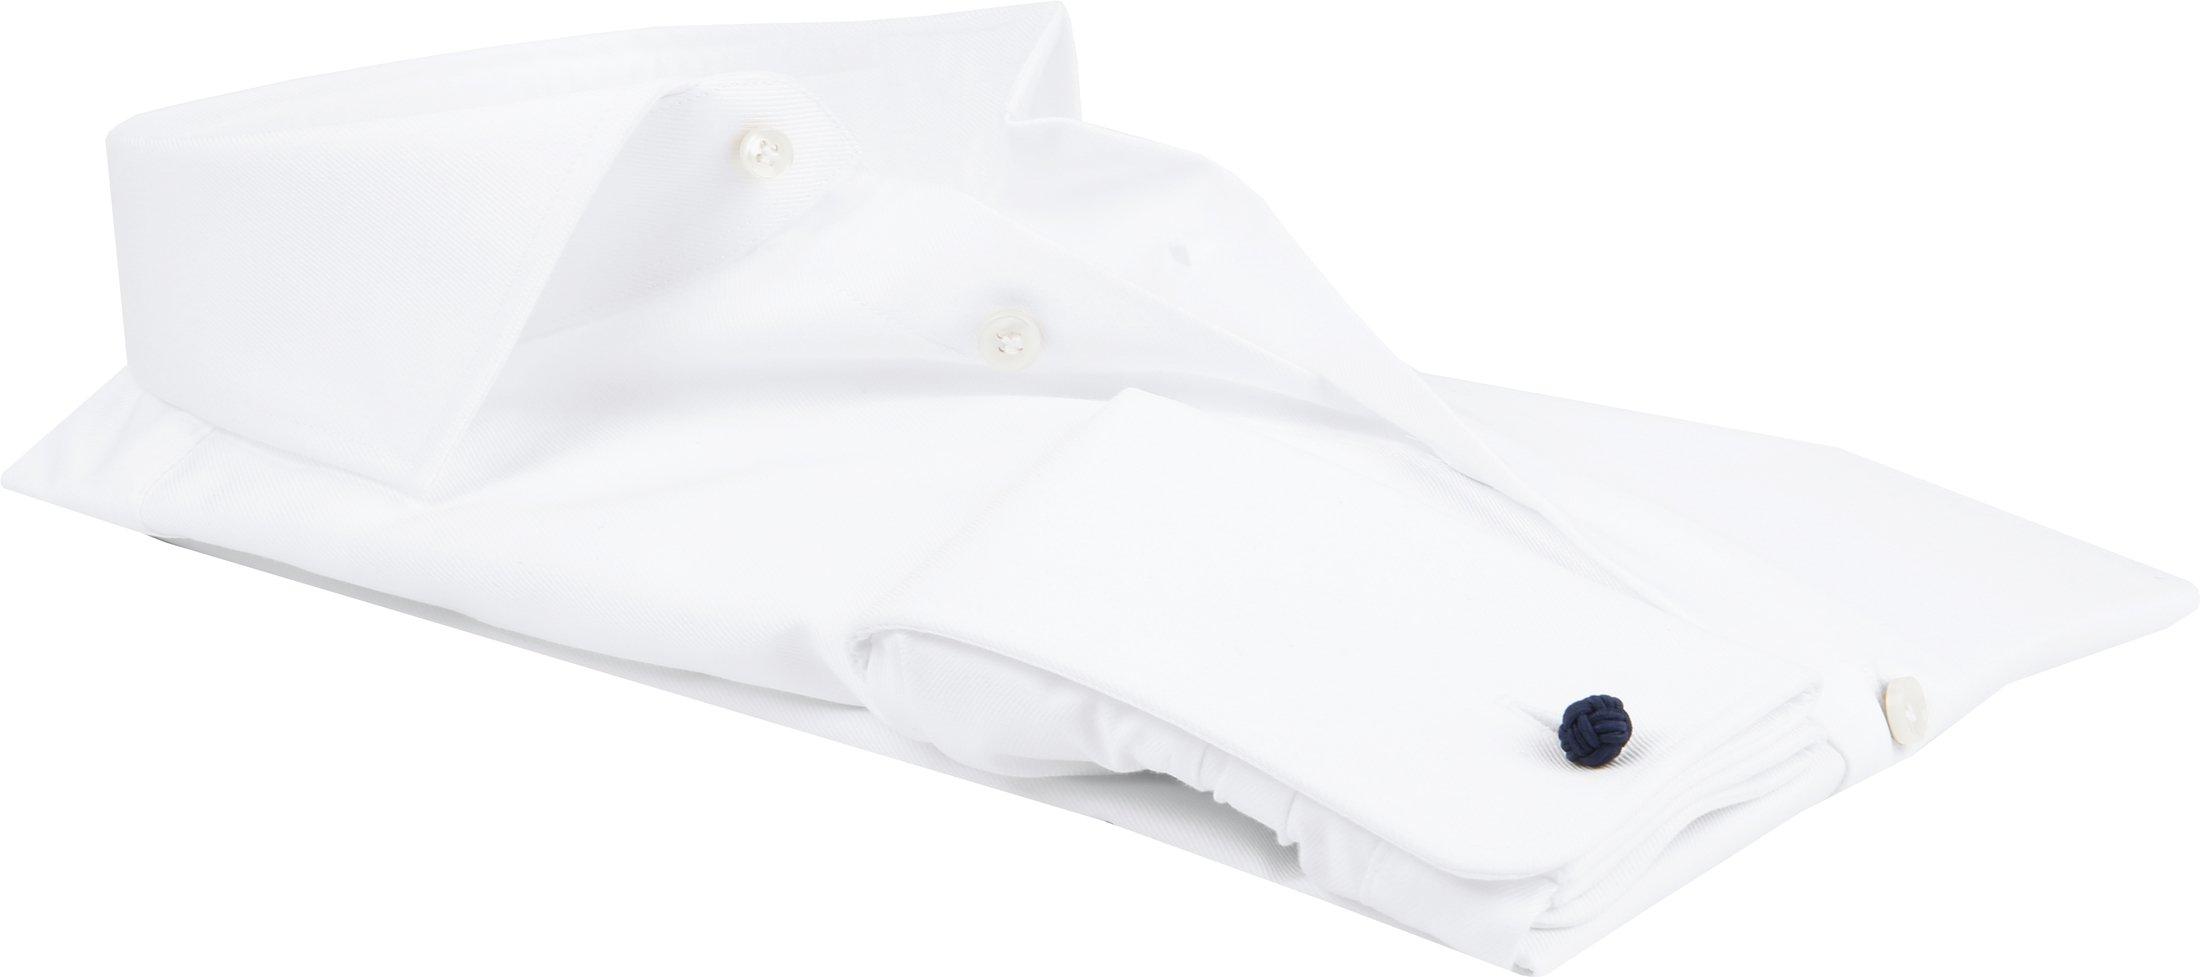 Profuomo Shirt Cutaway Double Cuff White foto 3